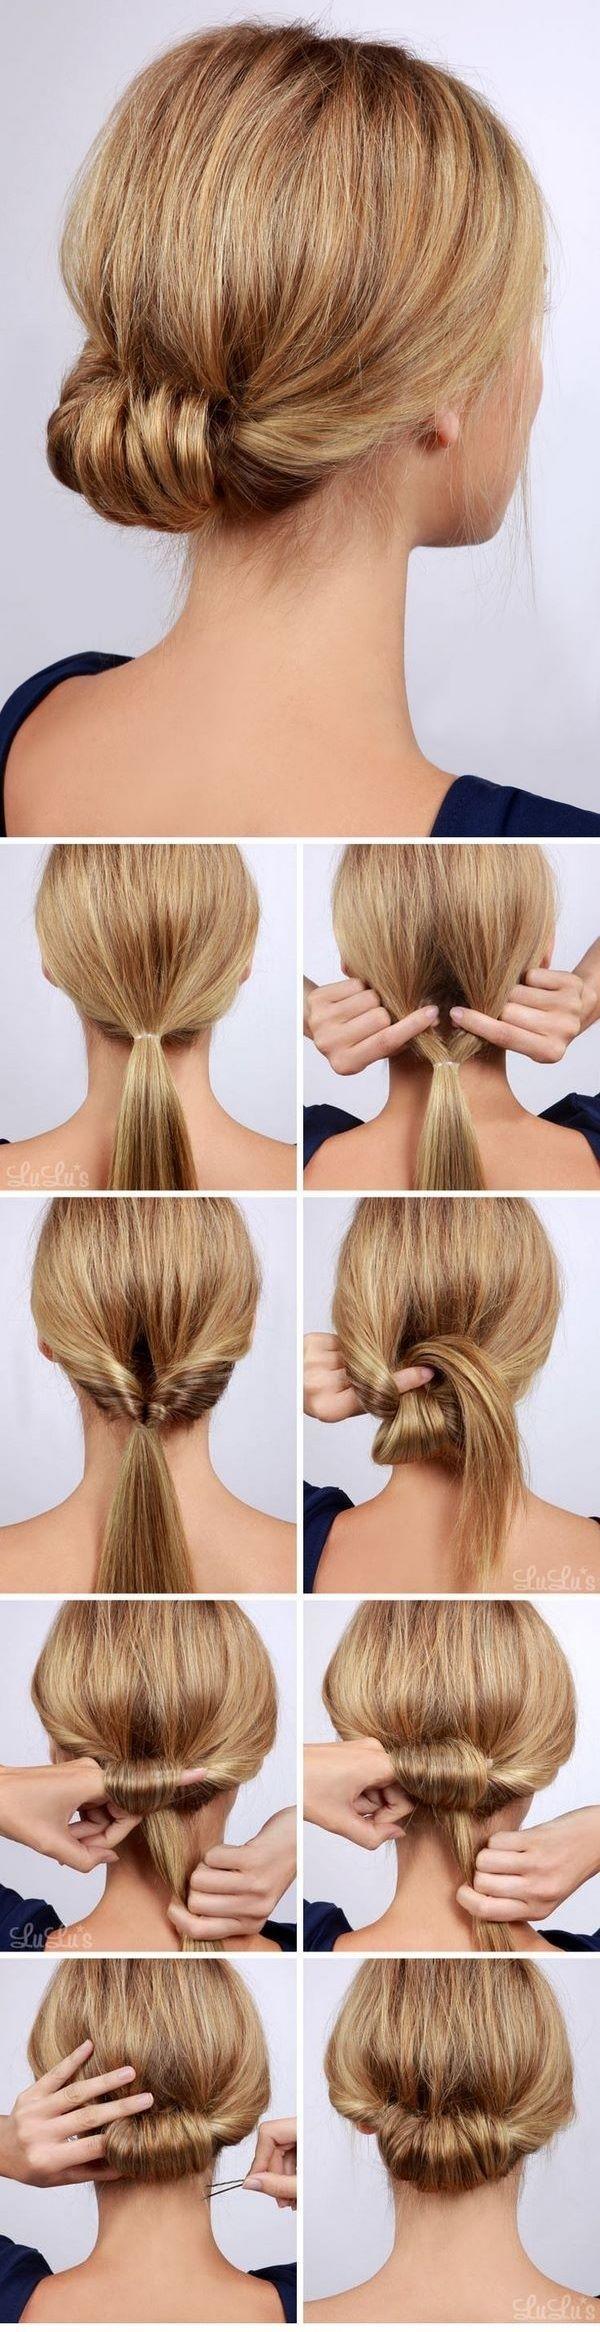 peinado para pelo corto facil                                                                                                                                                                                 Más